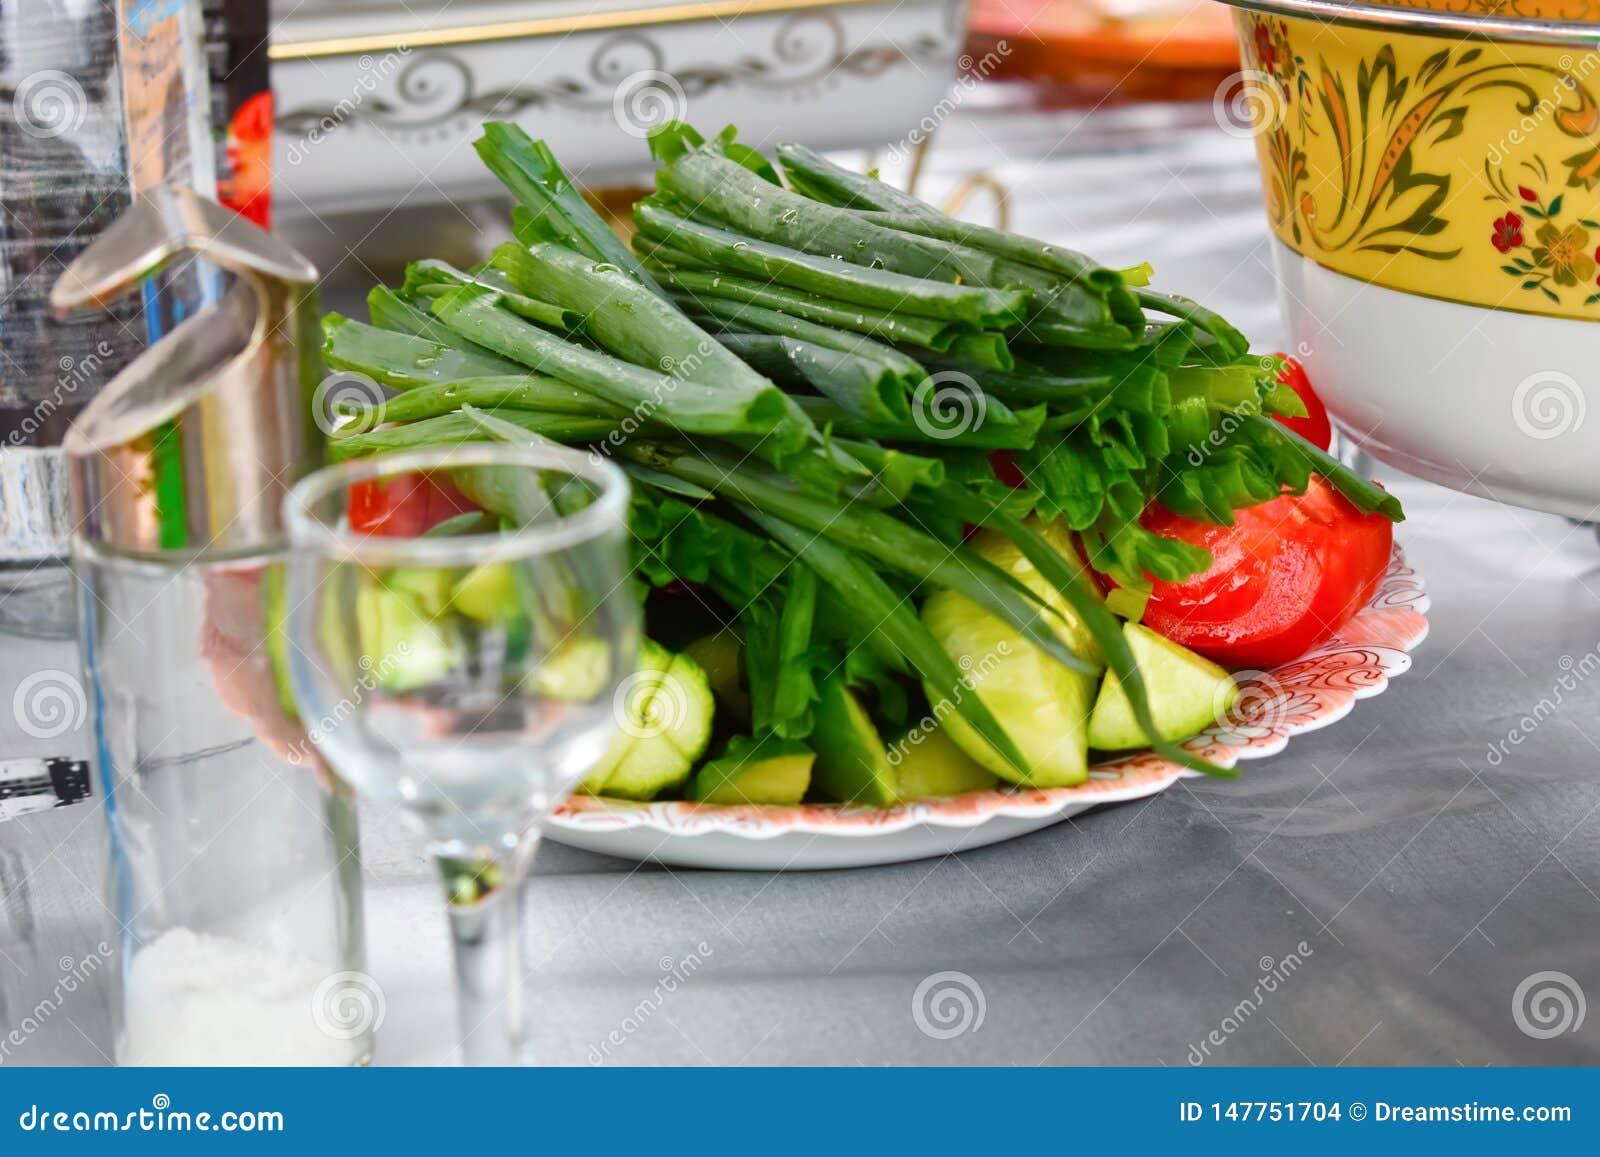 Zielone cebule, ogórki i pomidory na naczyniu, zamykają w górę